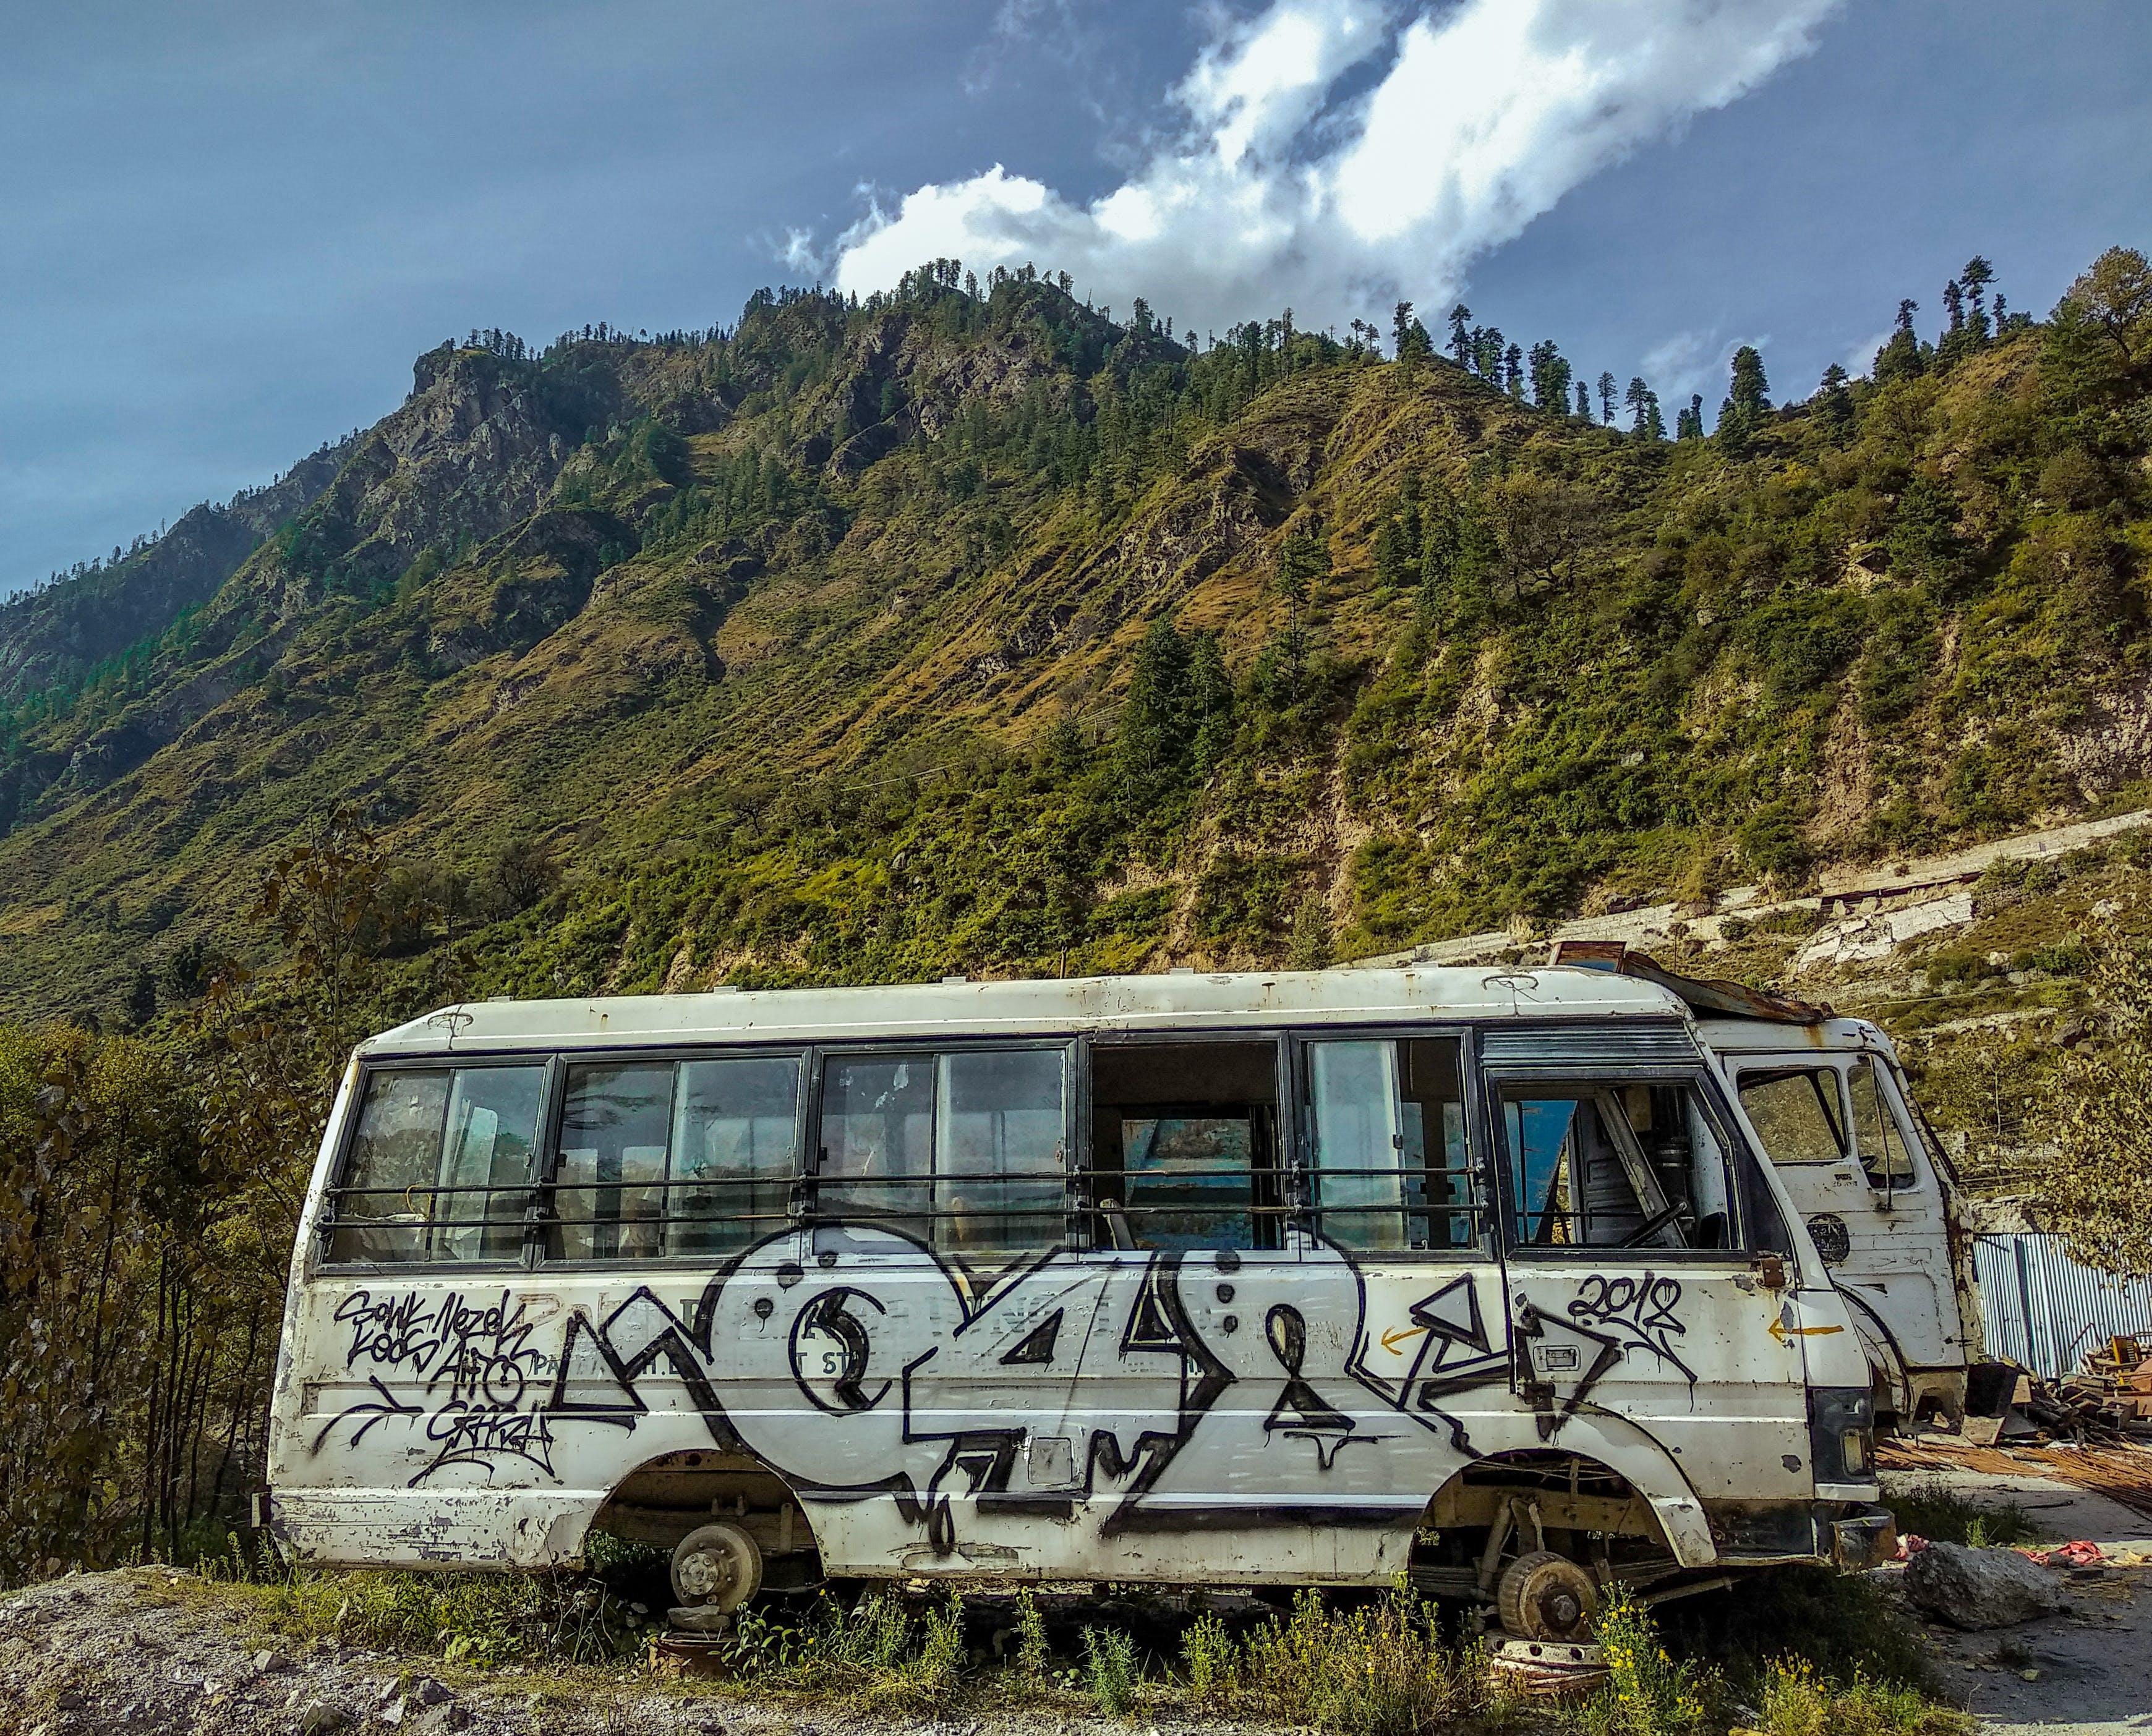 Foto profissional grátis de arte, árvores, céu azul, graffiti